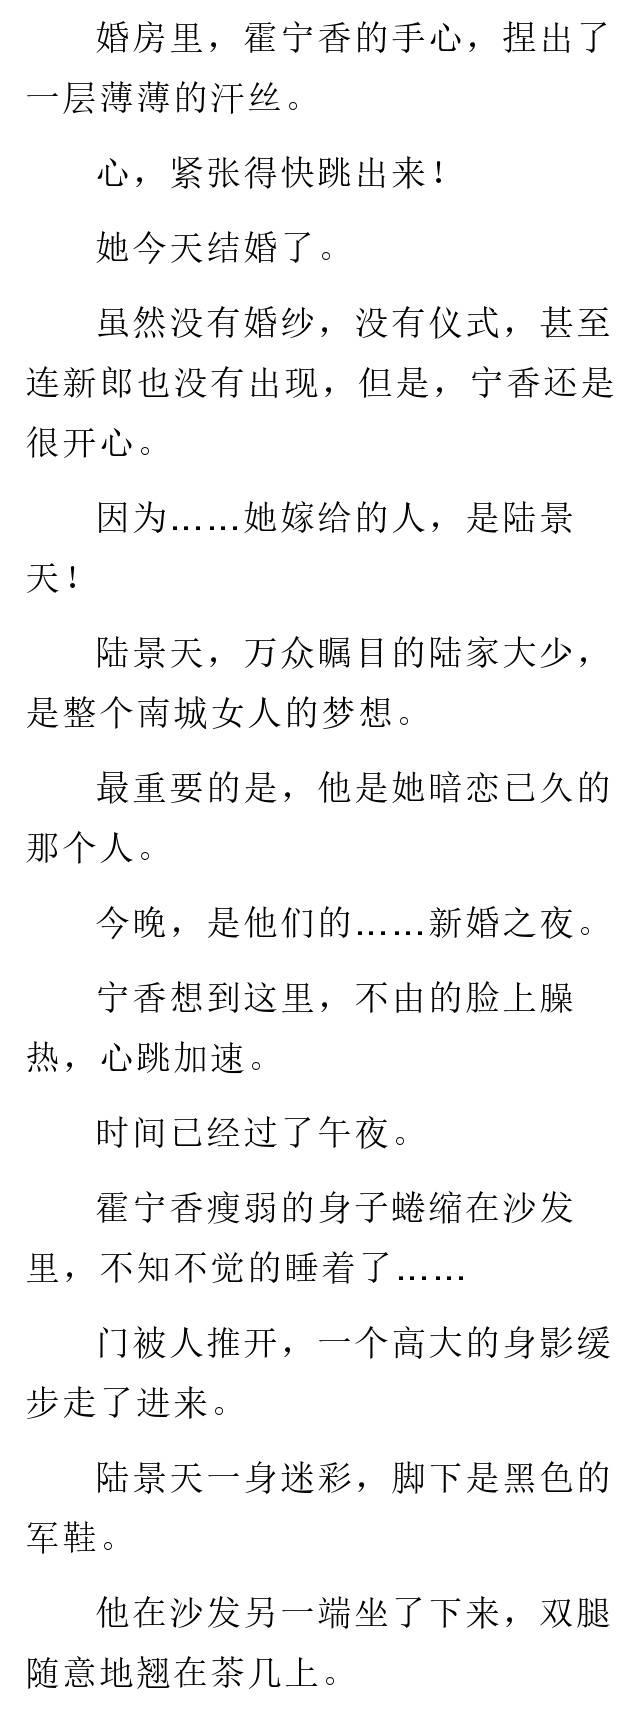 独家精彩全文小说《豪门霸爱:总裁会上瘾》免费完整版在线阅读